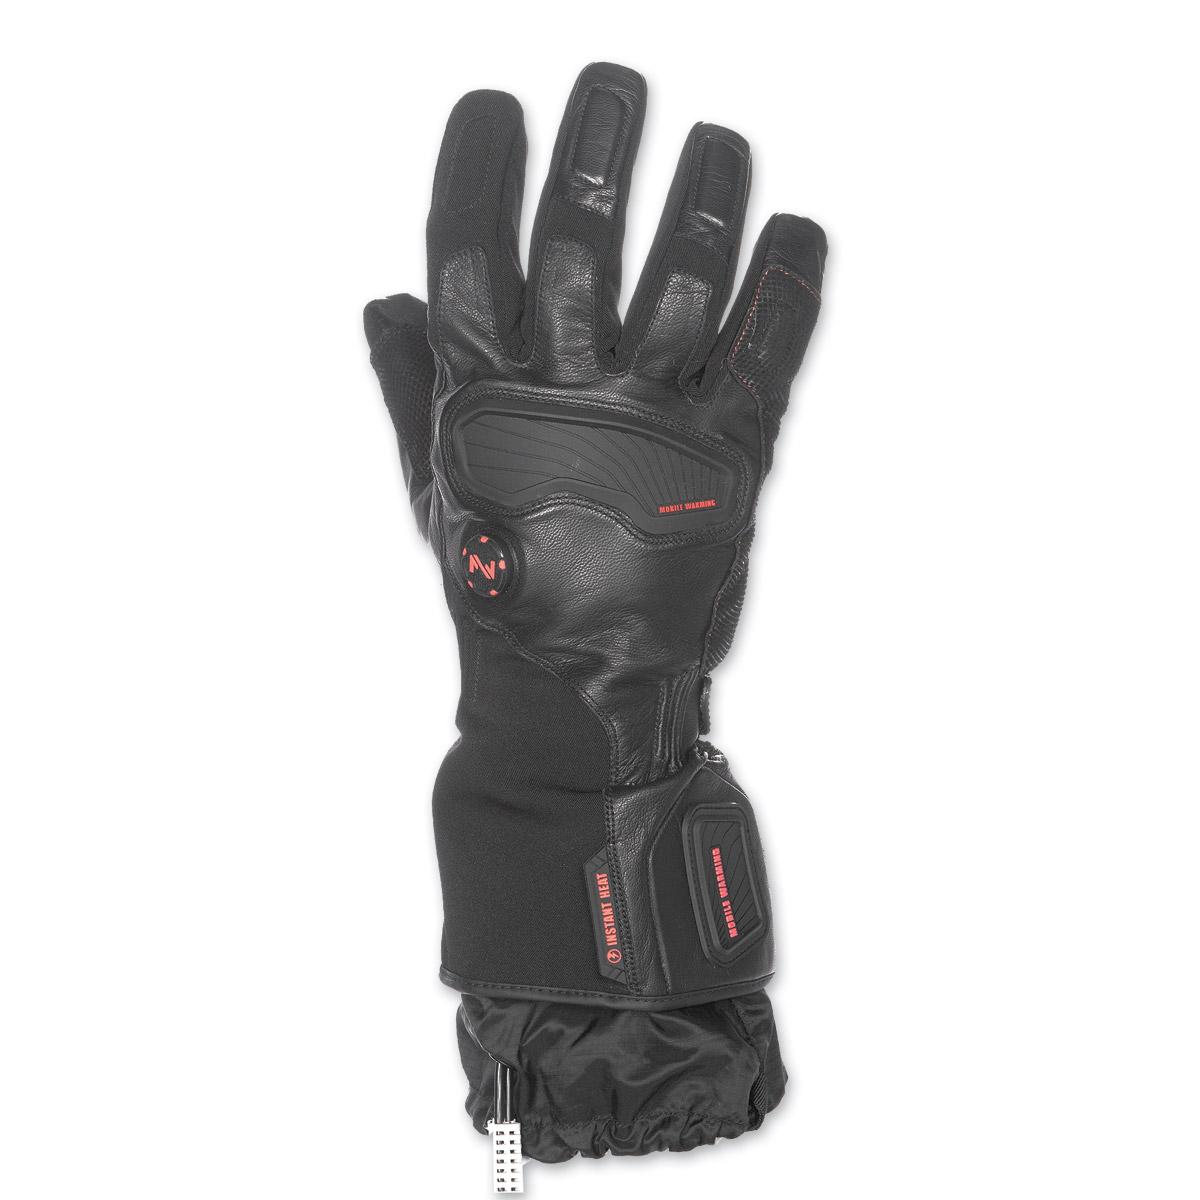 Mobile Warming Men's Barra Leather/Textile Heated Black 12v Gloves